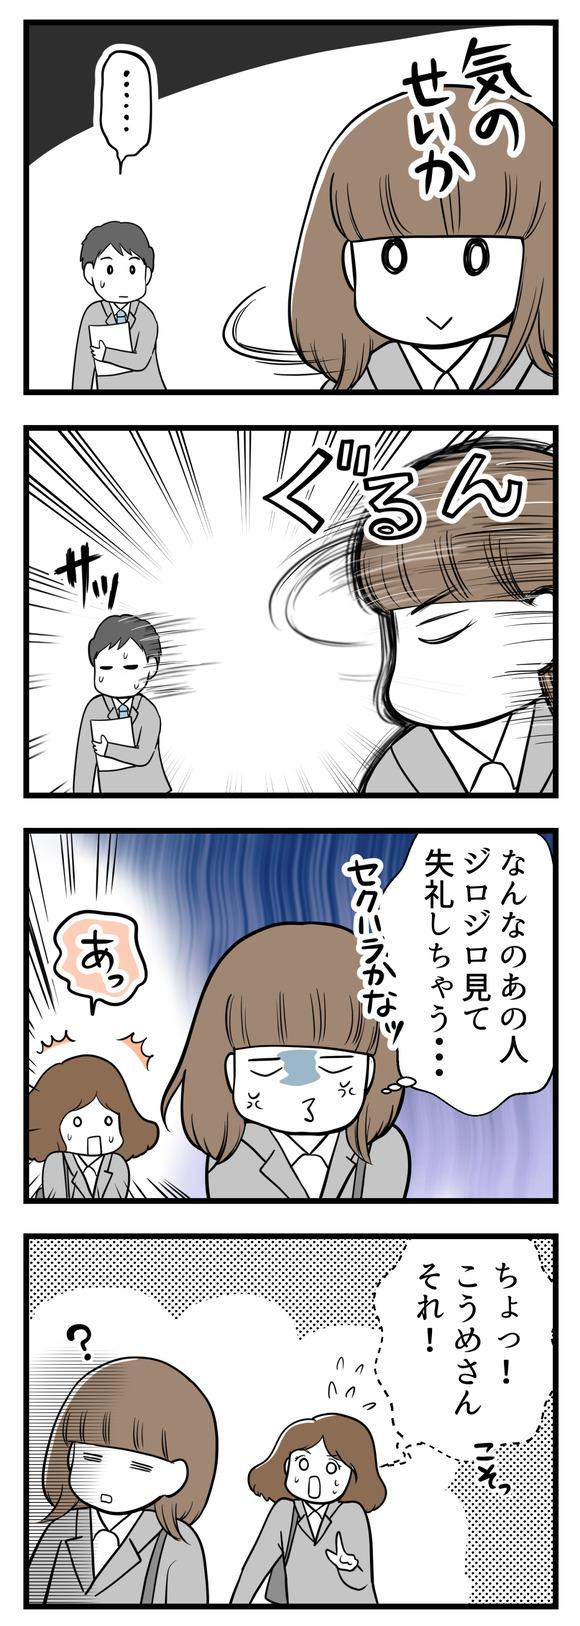 【ビンボーOL編19】スカートが真っ赤に!①-2